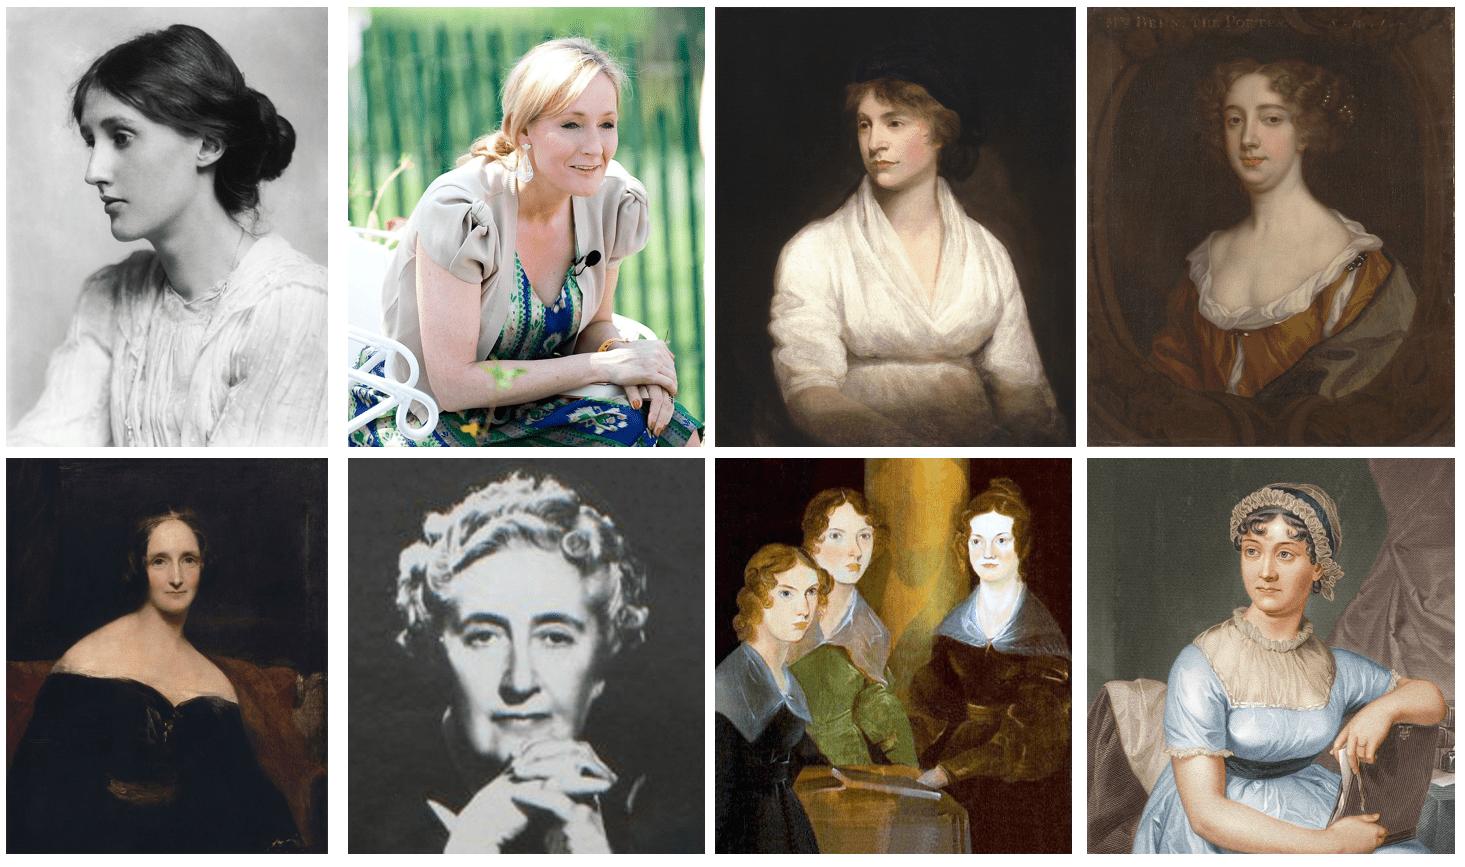 האם נשים סופרות טובות יותר מגברים